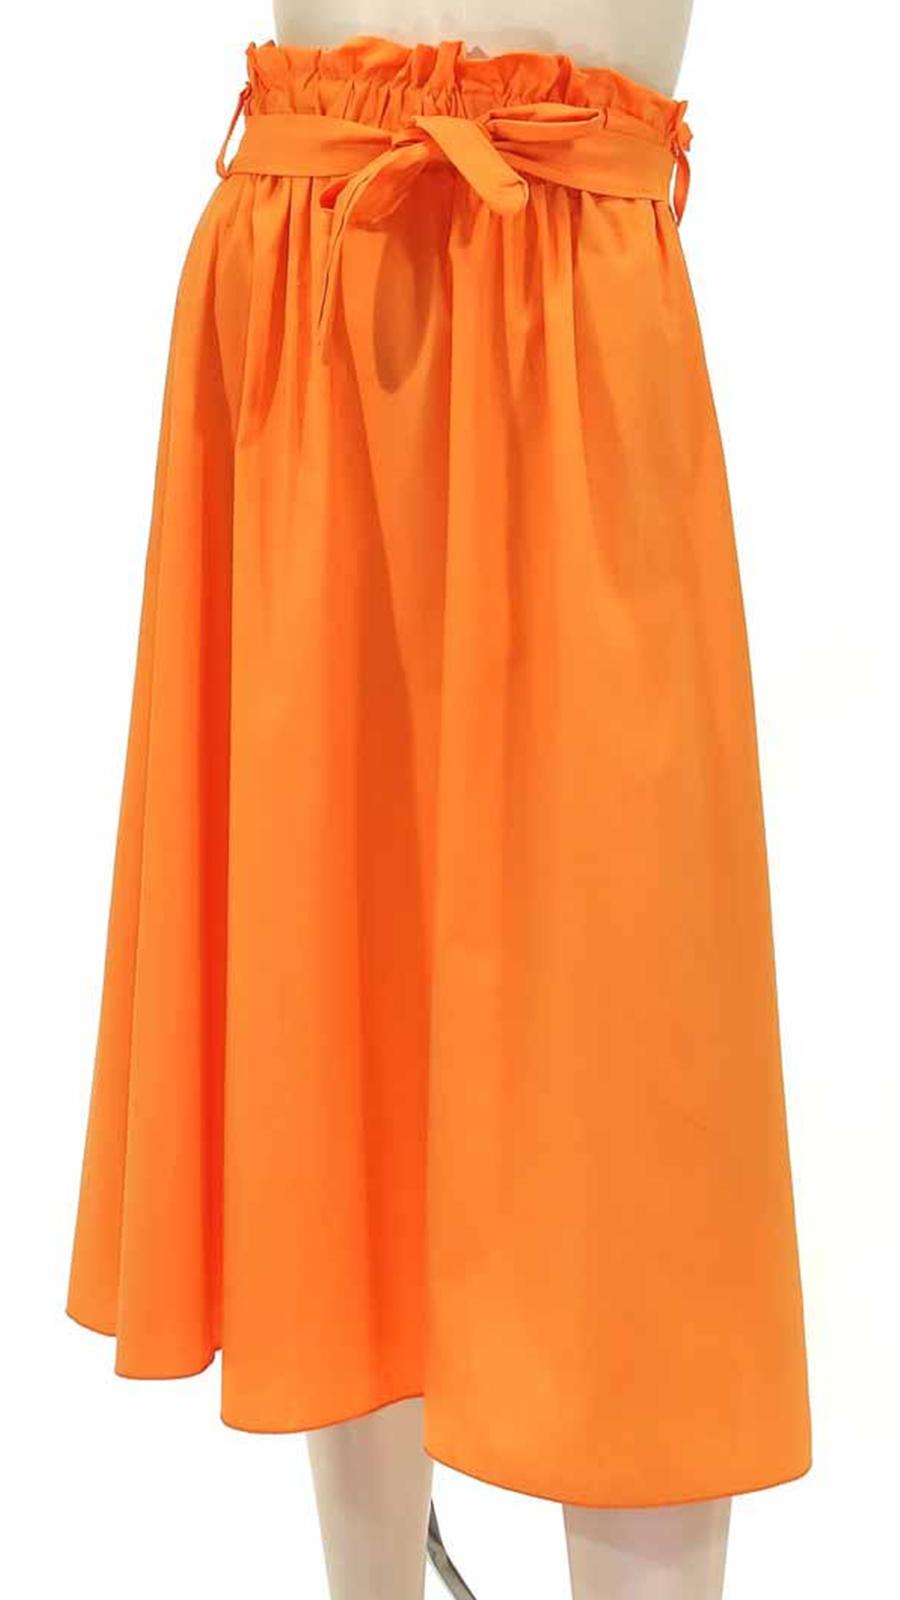 Φούστα σε άλφα γραμμή πορτοκαλί 3309-2